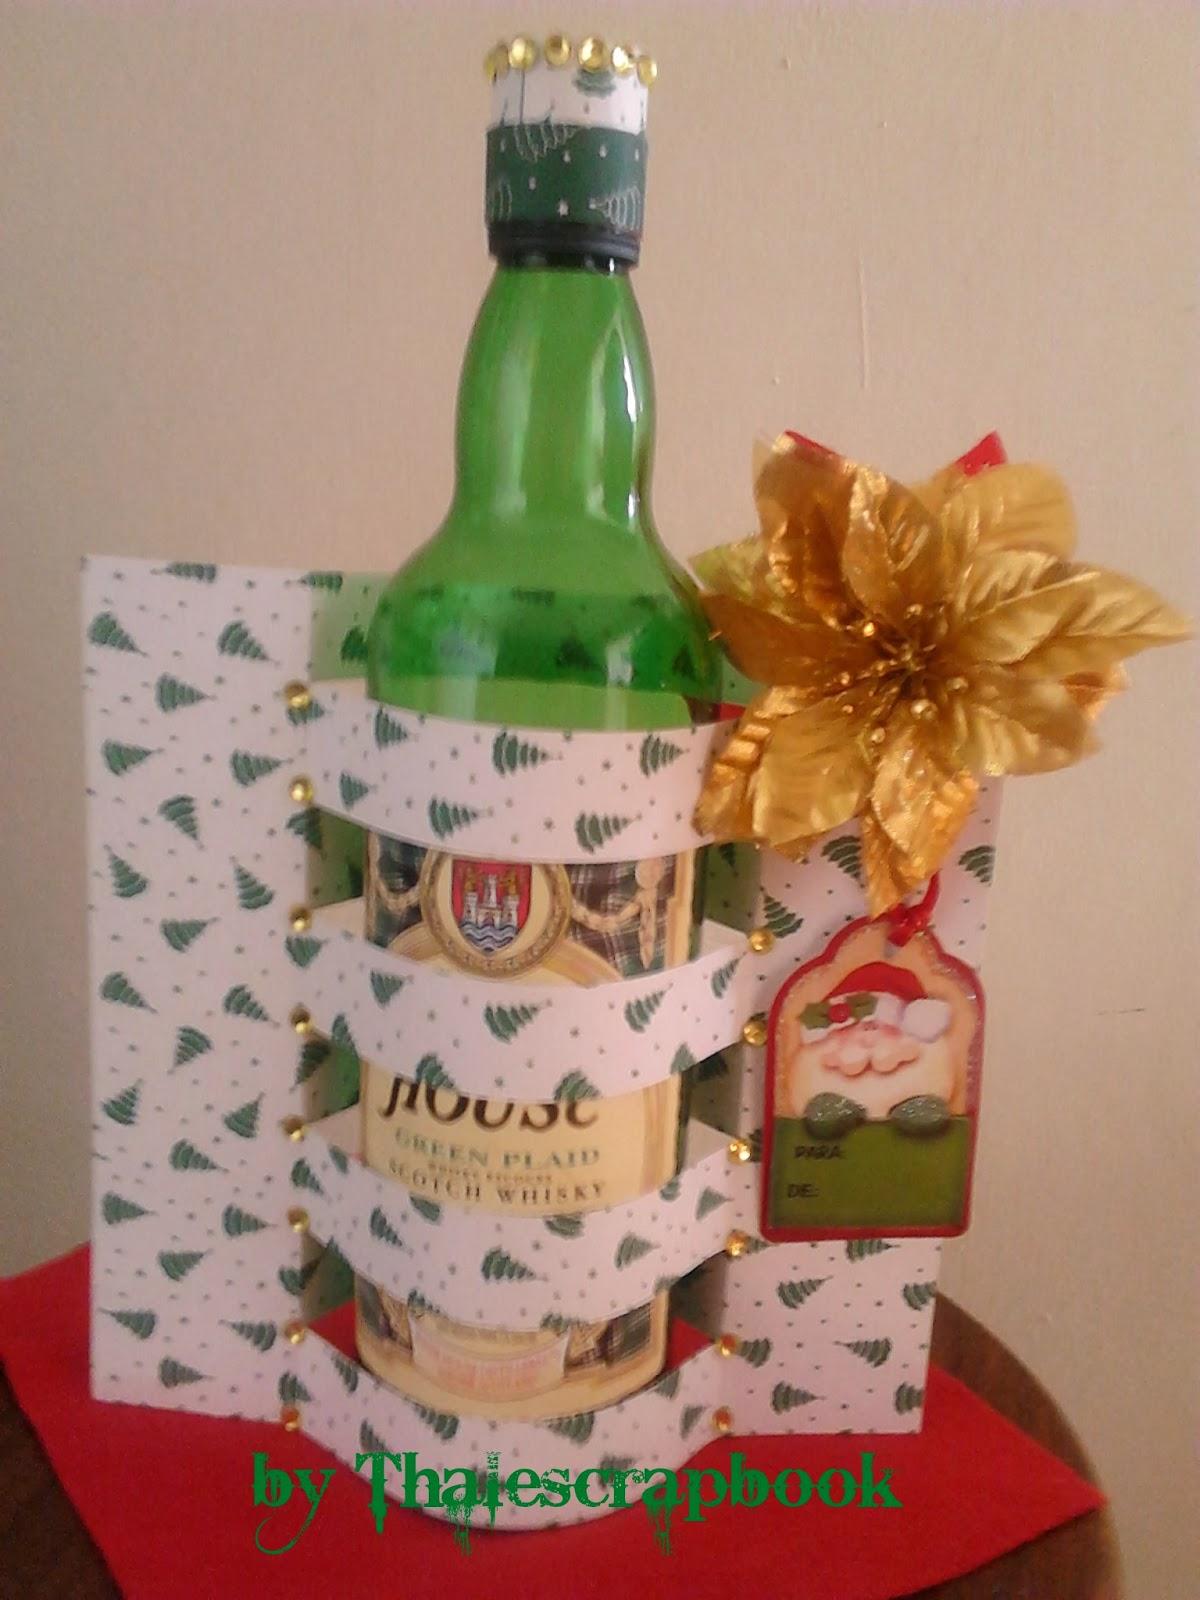 Comprar ofertas platos de ducha muebles sofas spain - Como decorar la mesa de navidad ...